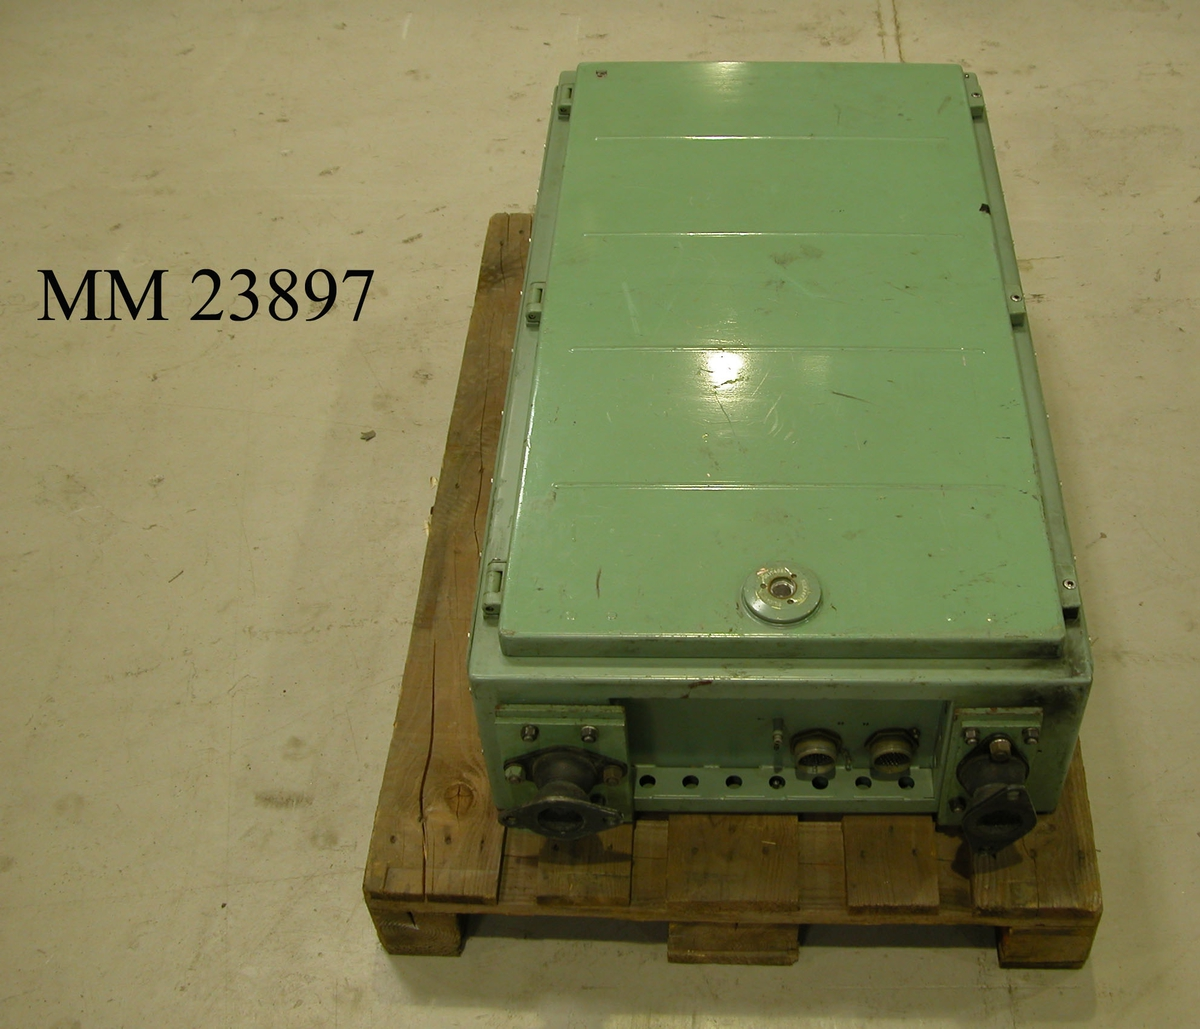 """Digitalräknare till torpedcentralinstrument (TCI) 105. Turkos- eller grönlackerat, rektangulärt instrument av metall. Framsidan utgörs av en stor lucka som går att skruva upp. Mitt på luckan (framsidan) nedtill finns ett inspektionshål märkt """"SILICAGEL"""". På nedre vänstersida finns en fläkt. Hela instrumentet är placerat på två stycken vibrationsdämpande gummifötter, undersidan av fötterna dock av metall. Upptill på framsidan av instrumentet sitter två stycken mindre metallbrickor, den ena med texten: """"9 TCI ANL 2 ENH 13 DIGITALRÄKNARE"""". Den andra med texten: """"PHILIPS TYP RF 869:32 NR 96219 STOCKHOLM SWEDEN"""". På luckans insida finns ett vitt placeringsschema för instrumentets interna komponenter, såsom minnesenheten. Avslutningsvis finns det anslutningsmöjlighet för två stycken elkablar på instrumentets undersida."""